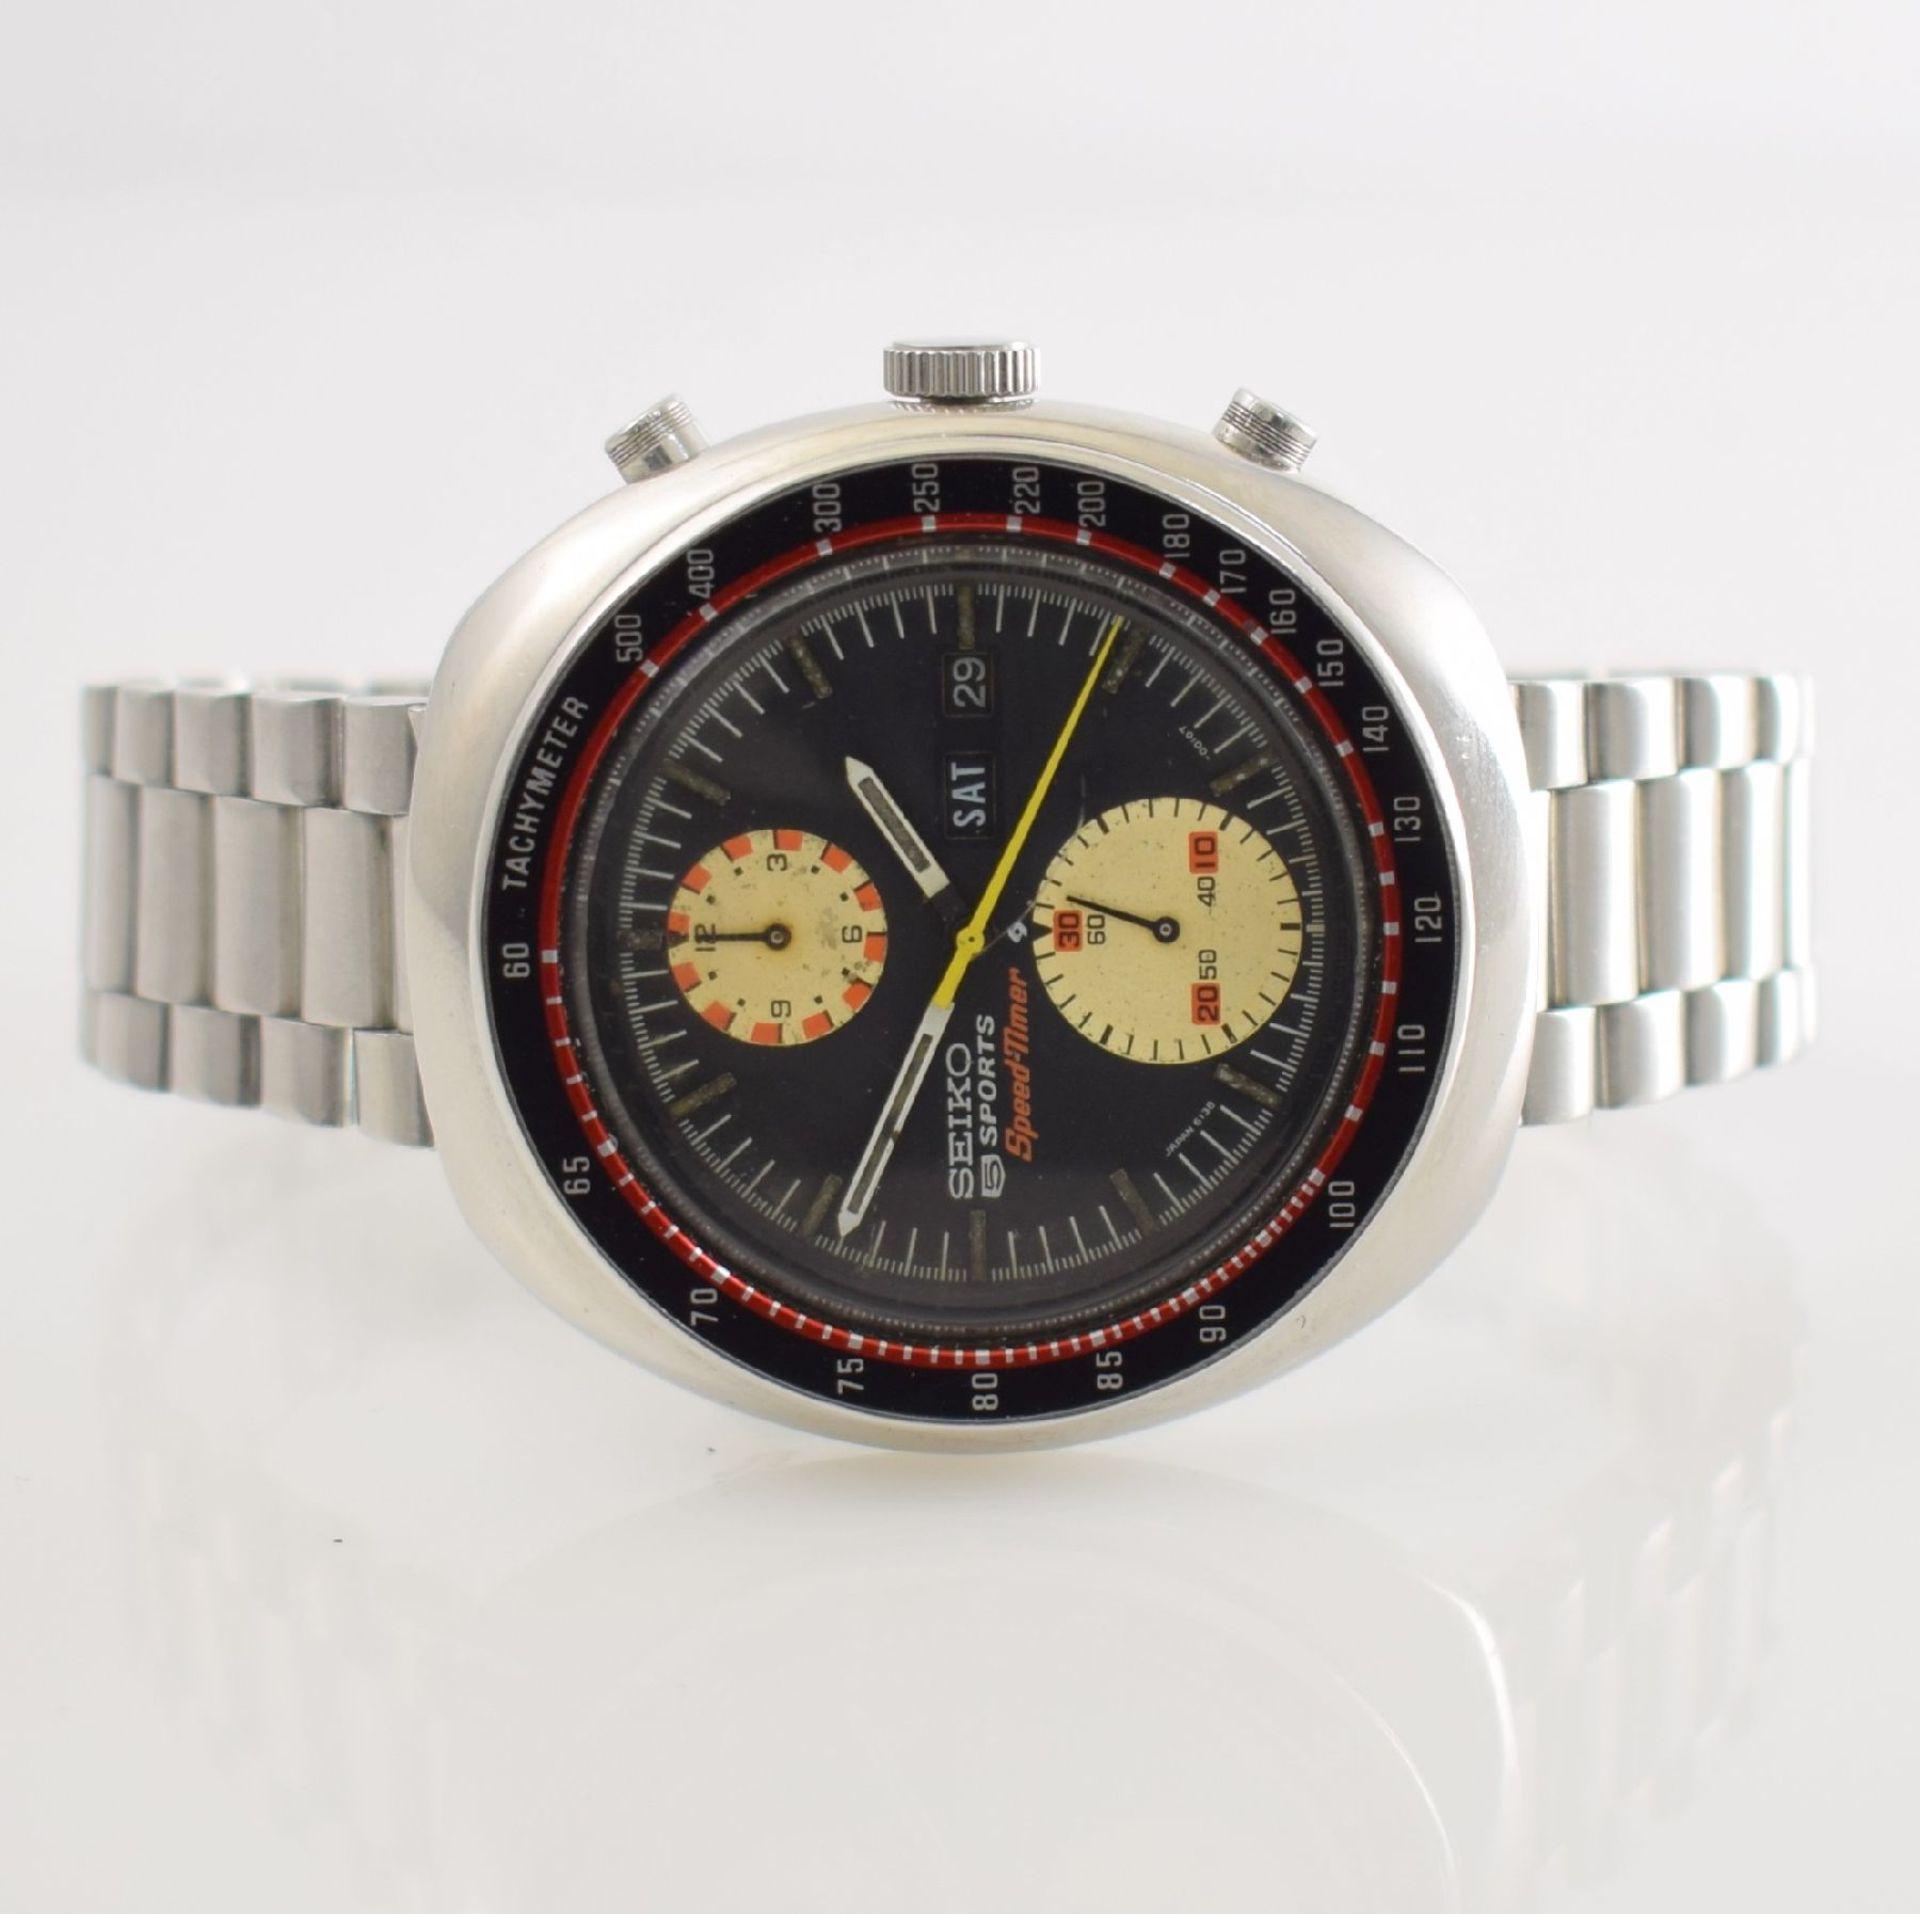 SEIKO 5 Sports Schaltradchronograph Speed-Timer, Automatik, Japan für den dtsch. Markt um 1970, Ref.